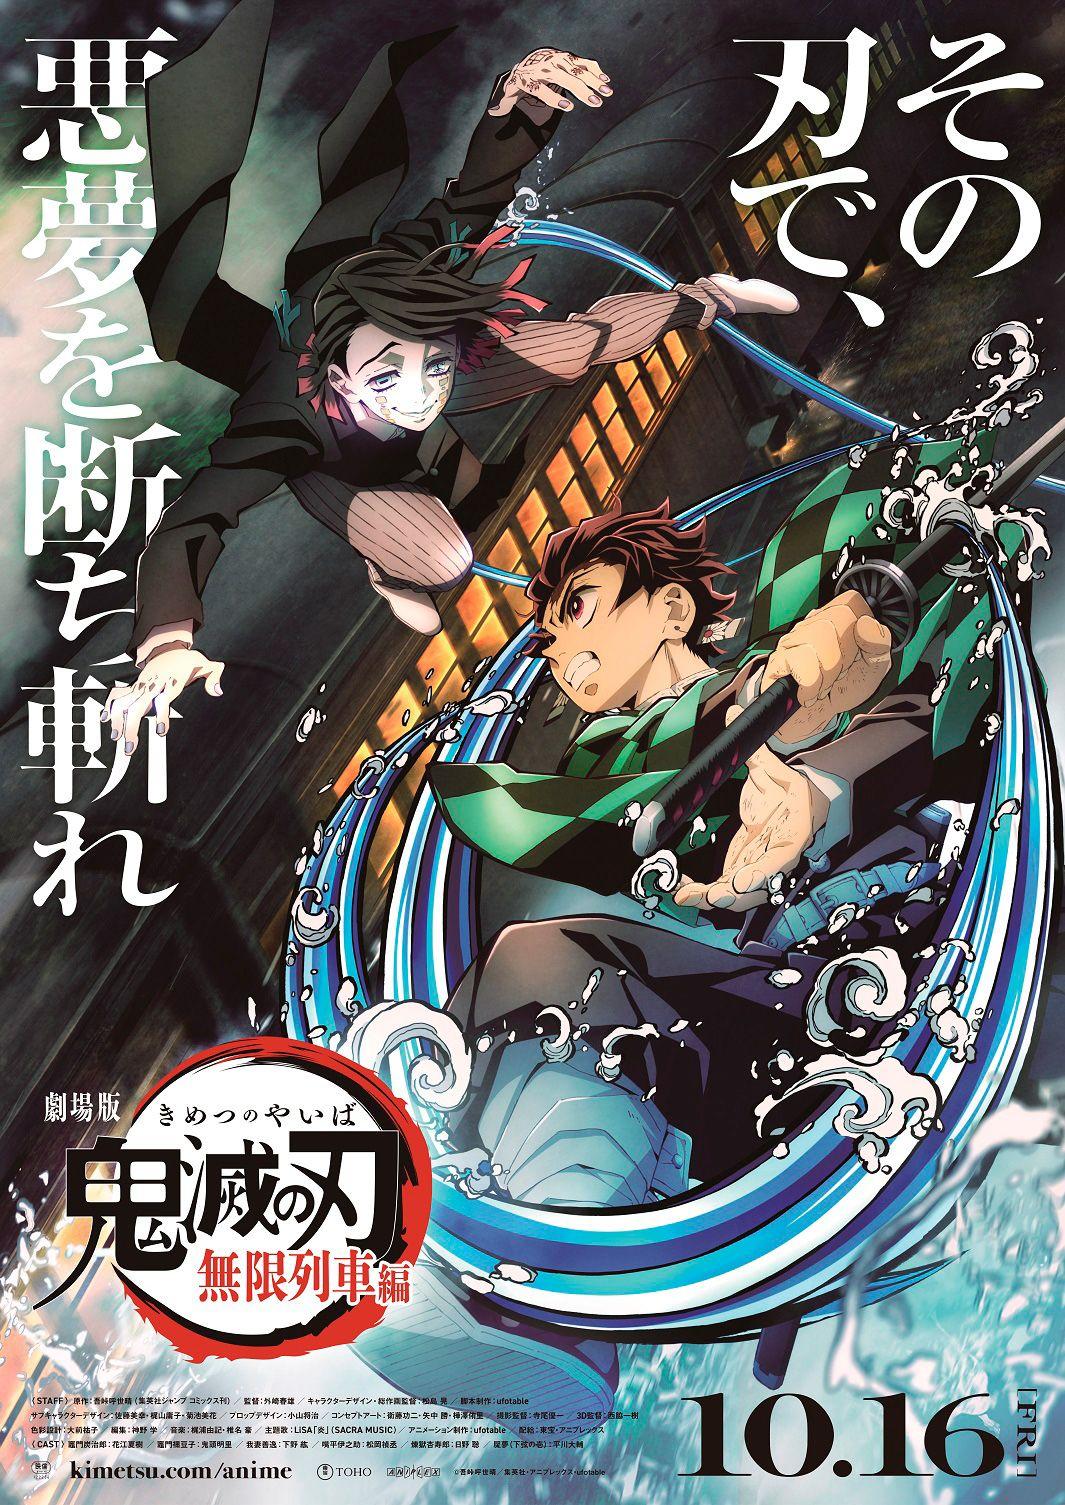 Kimetsu no Yaiba Mugen Train Novo trailer e imagem! em